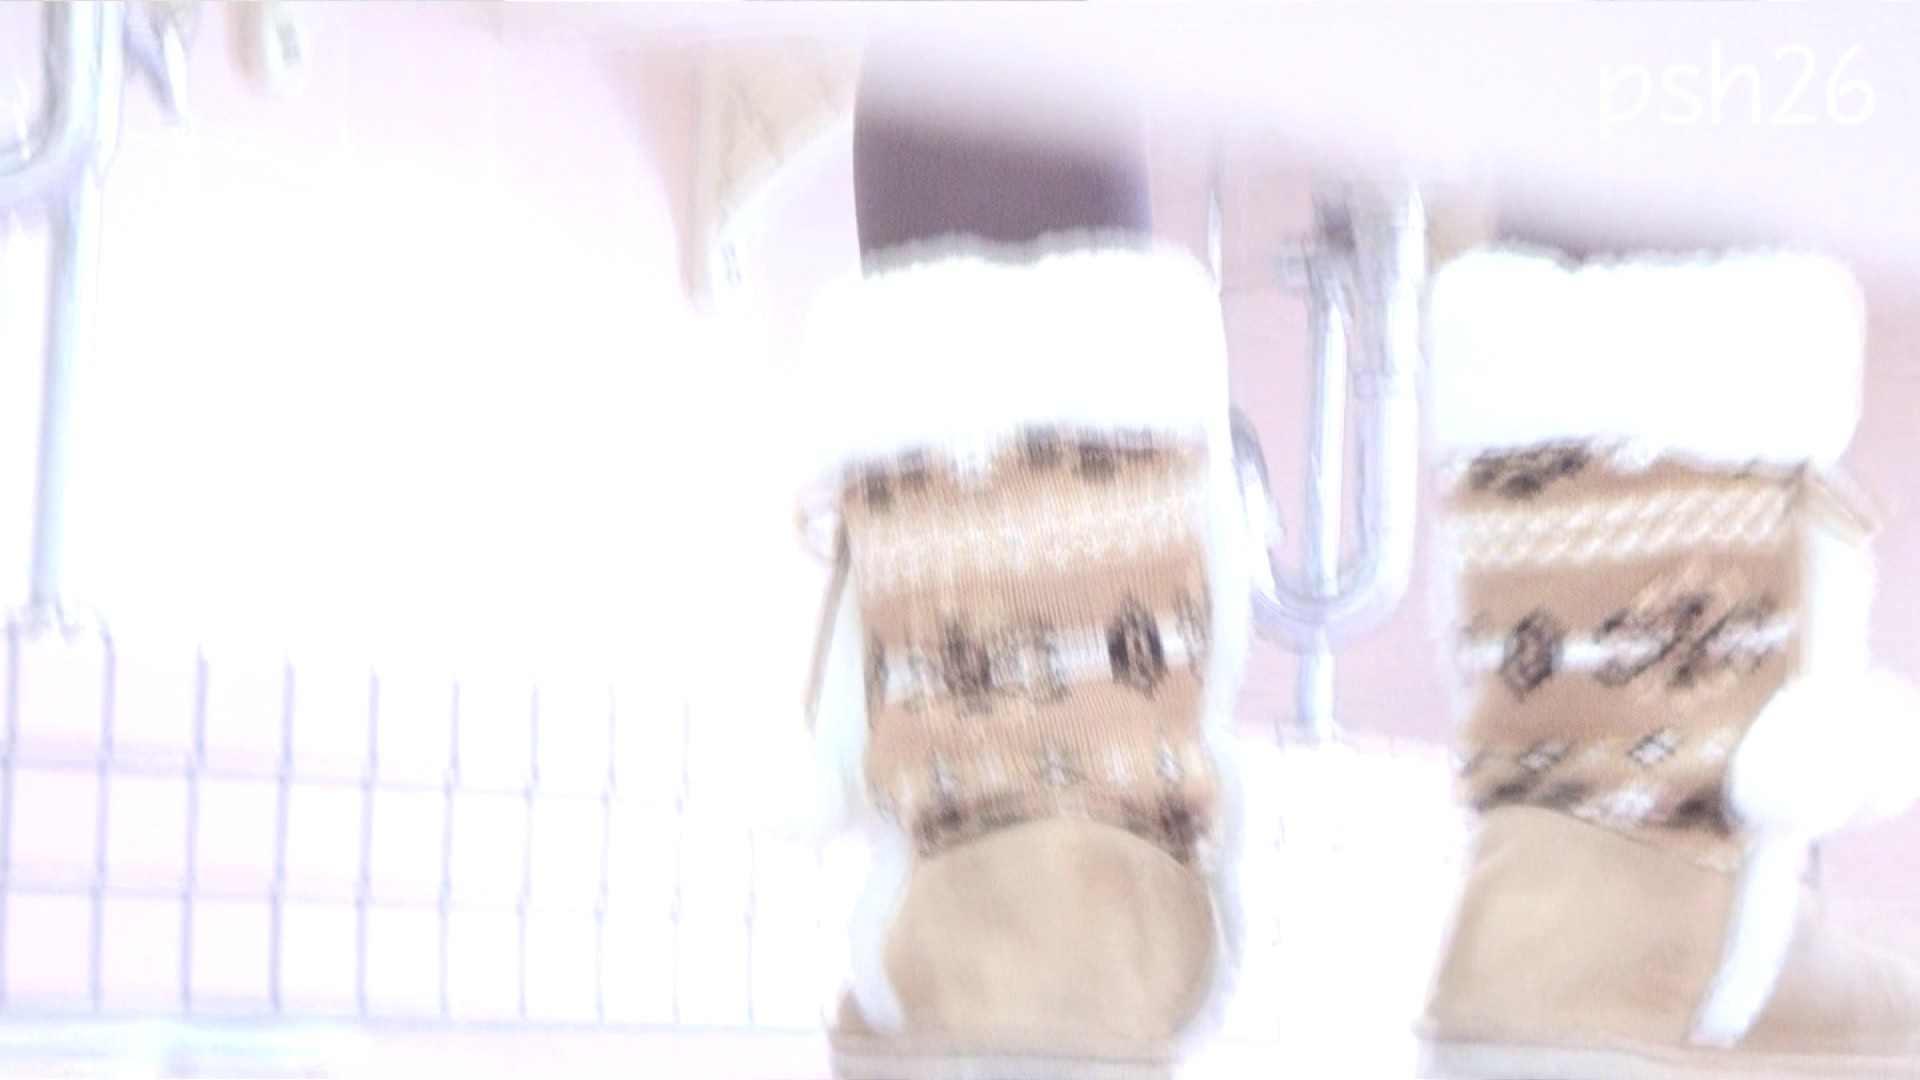 ▲復活限定▲ハイビジョン 盗神伝 Vol.26 盗撮エロすぎ | 洗面所着替え  80連発 21